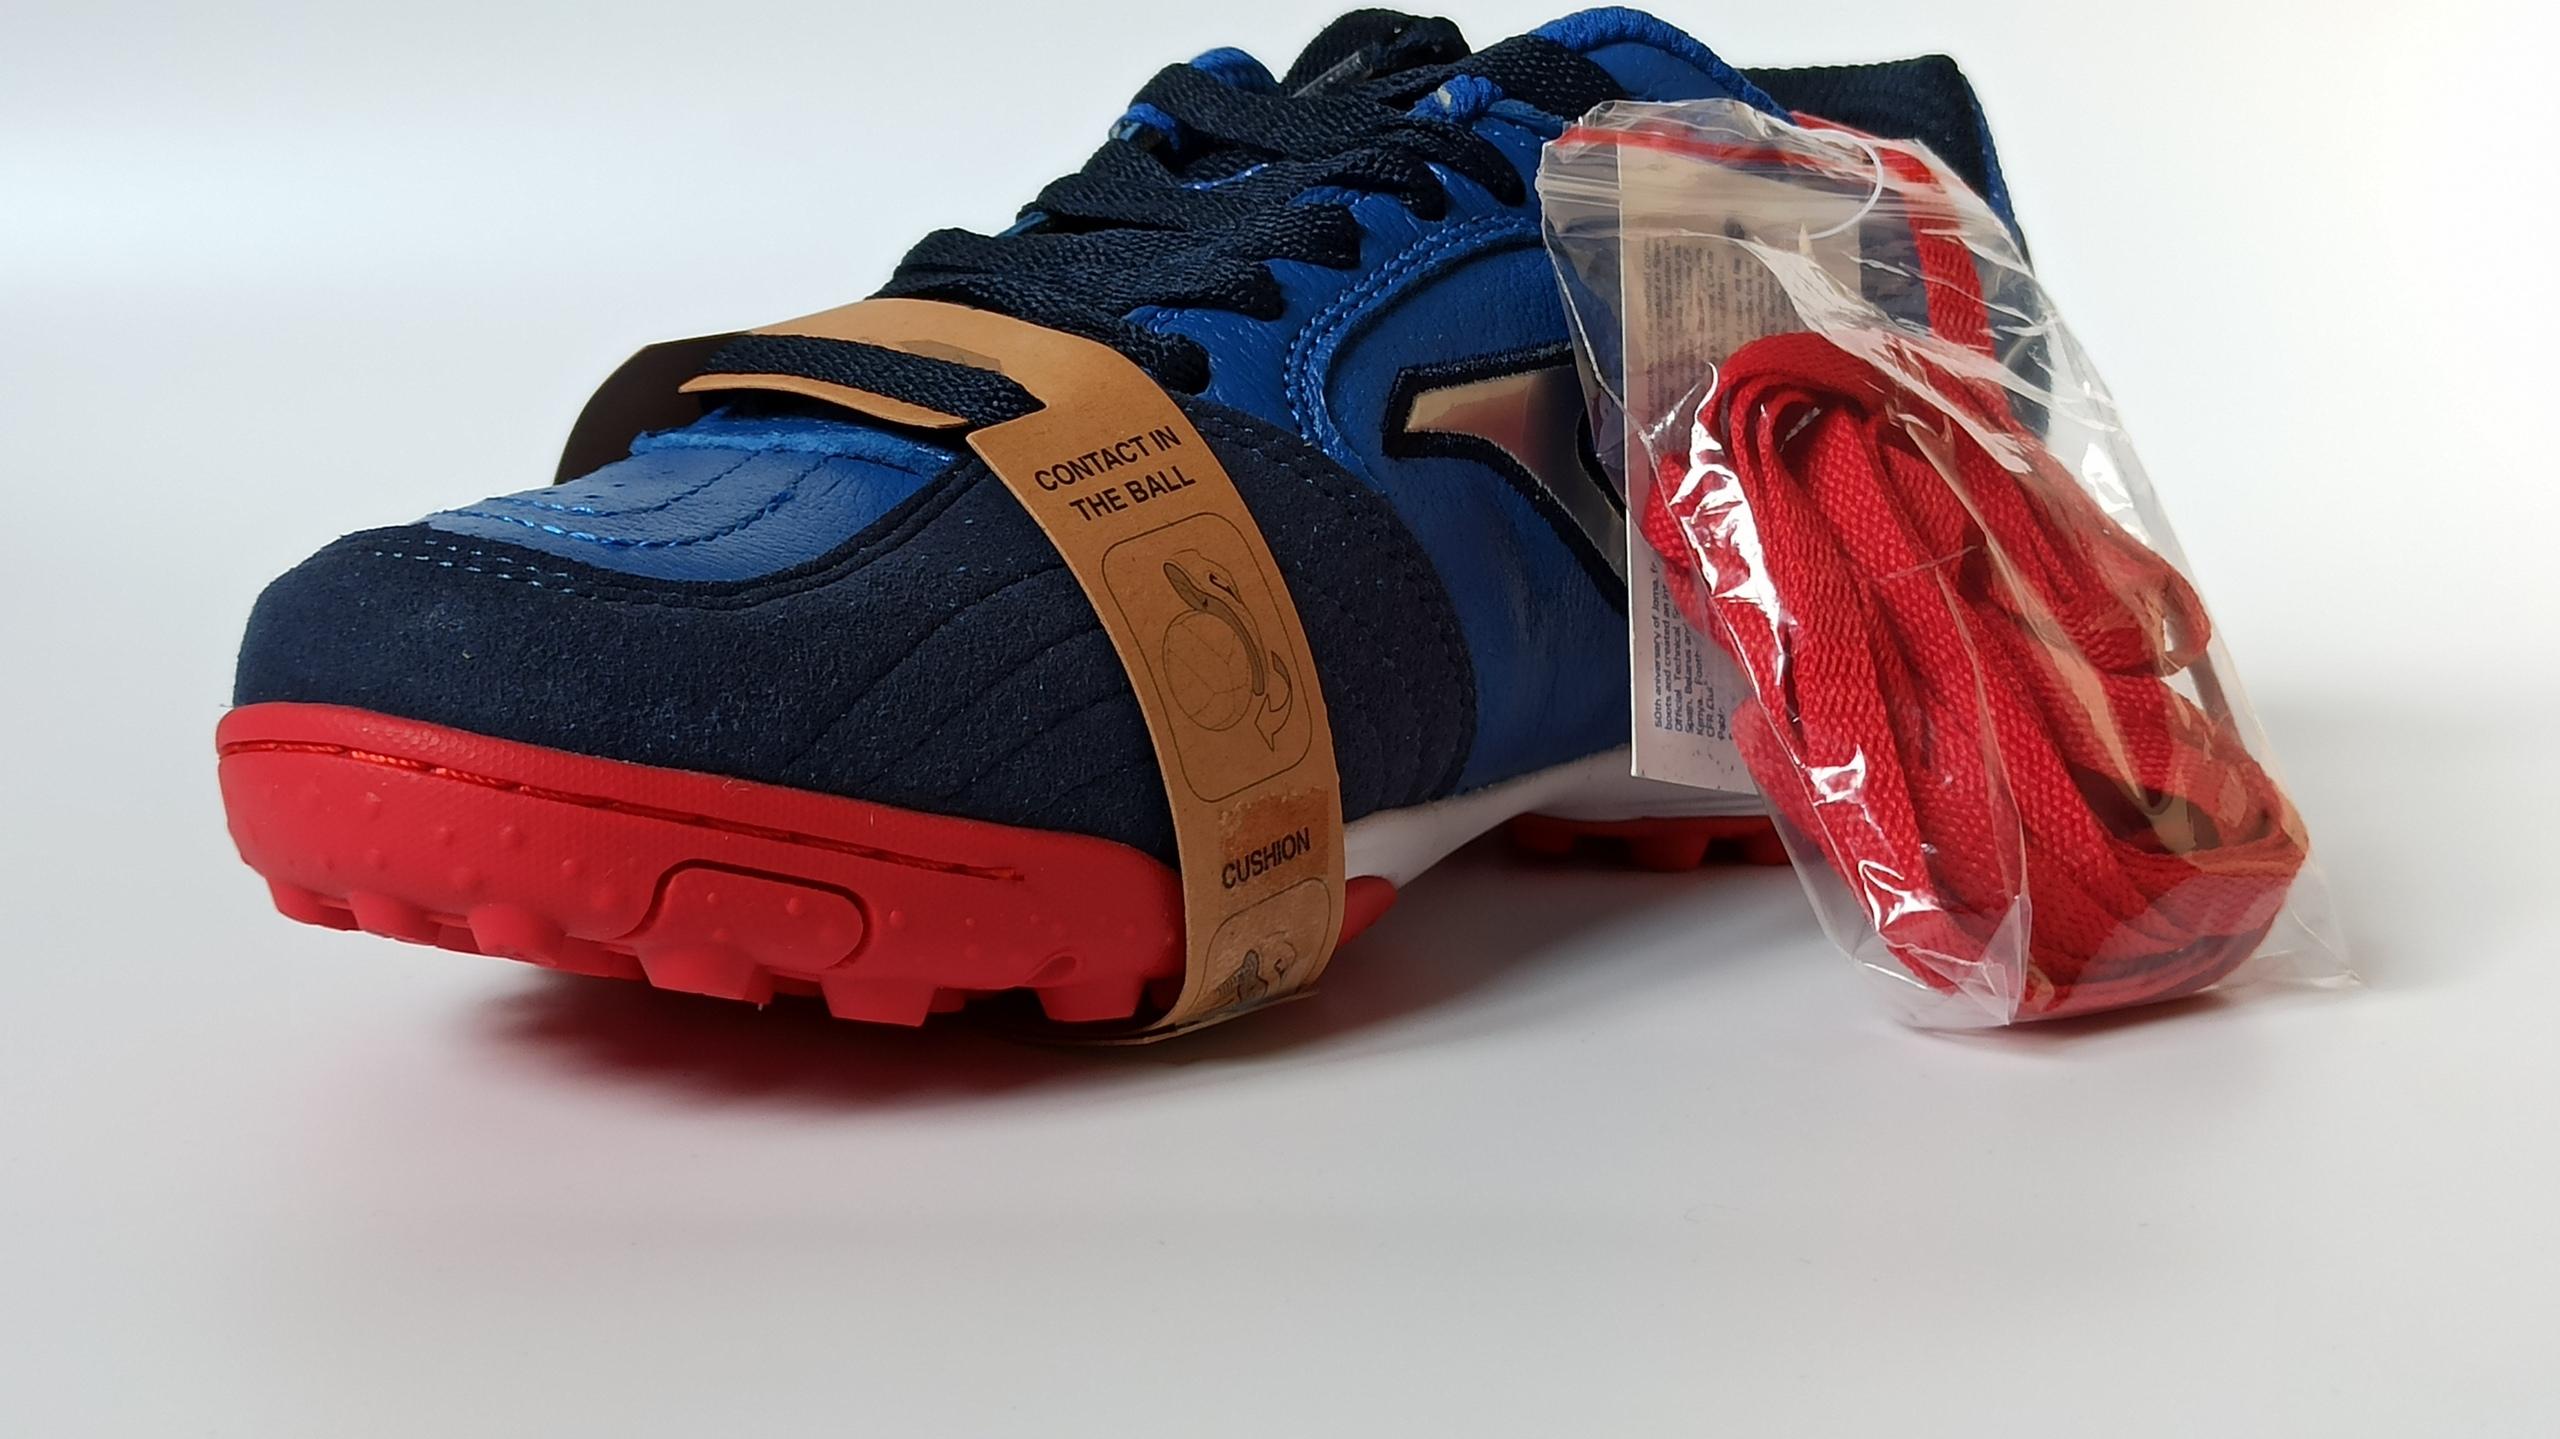 акция скидка низкие цены купить JOMA футбольные кроссовки кроссы футзалки залки турфы бампы сороконожки бутсы в самаре онлайн интернет магазин доставка по россии